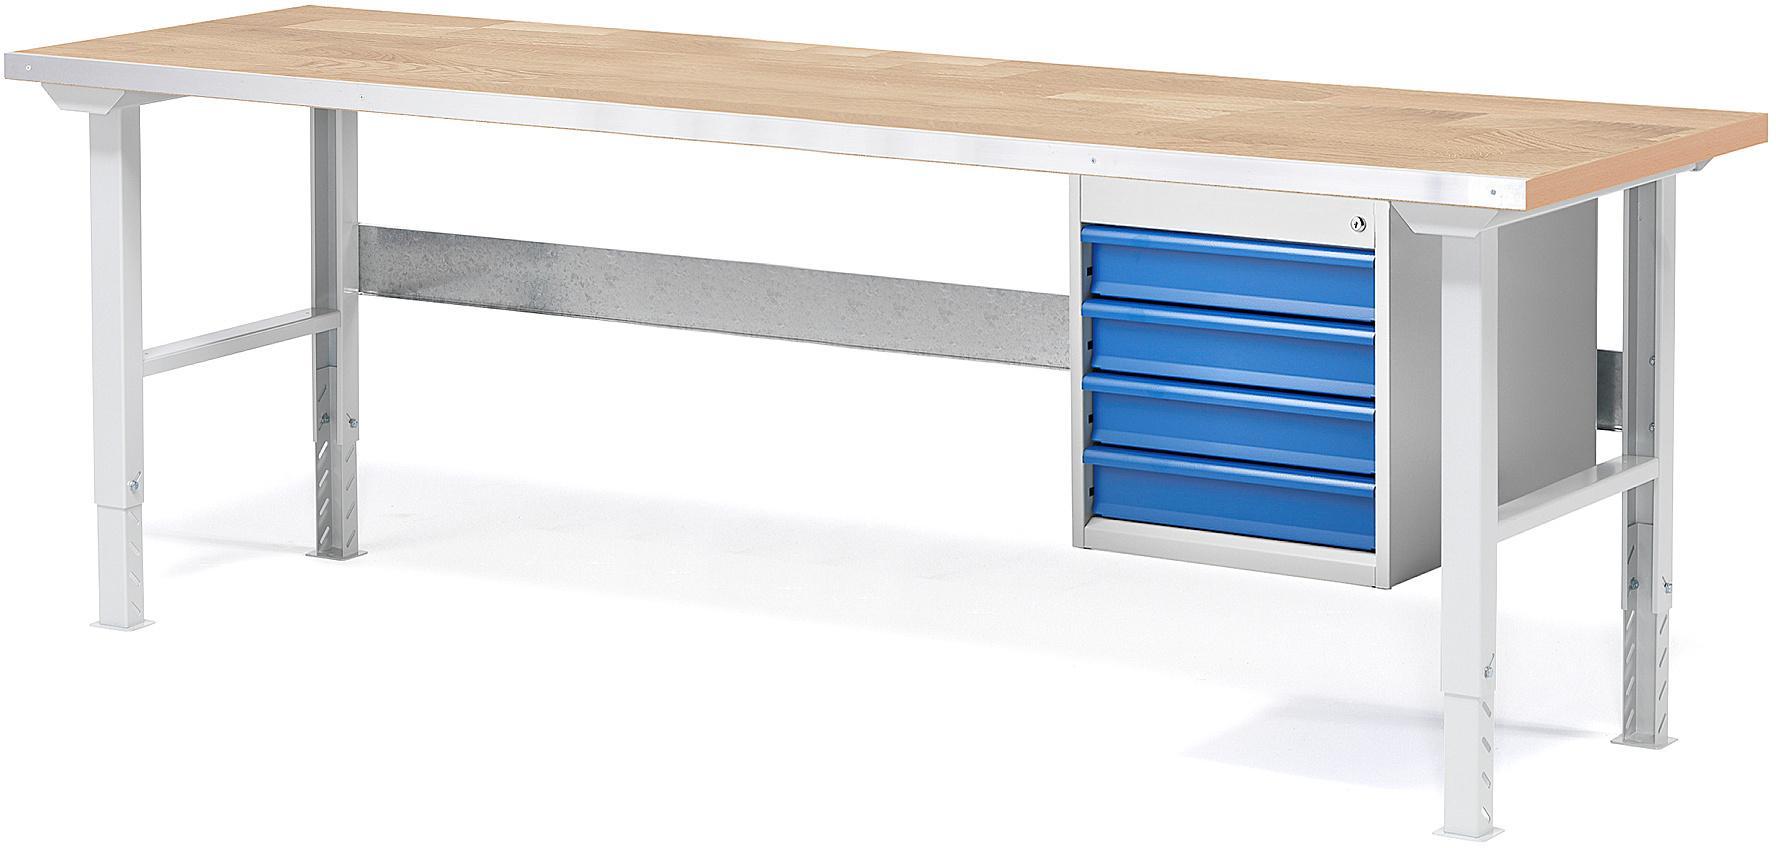 Dielenský stôl Solid so 4 zásuvkami, 2000x800 mm, nosnosť 750 kg, dub